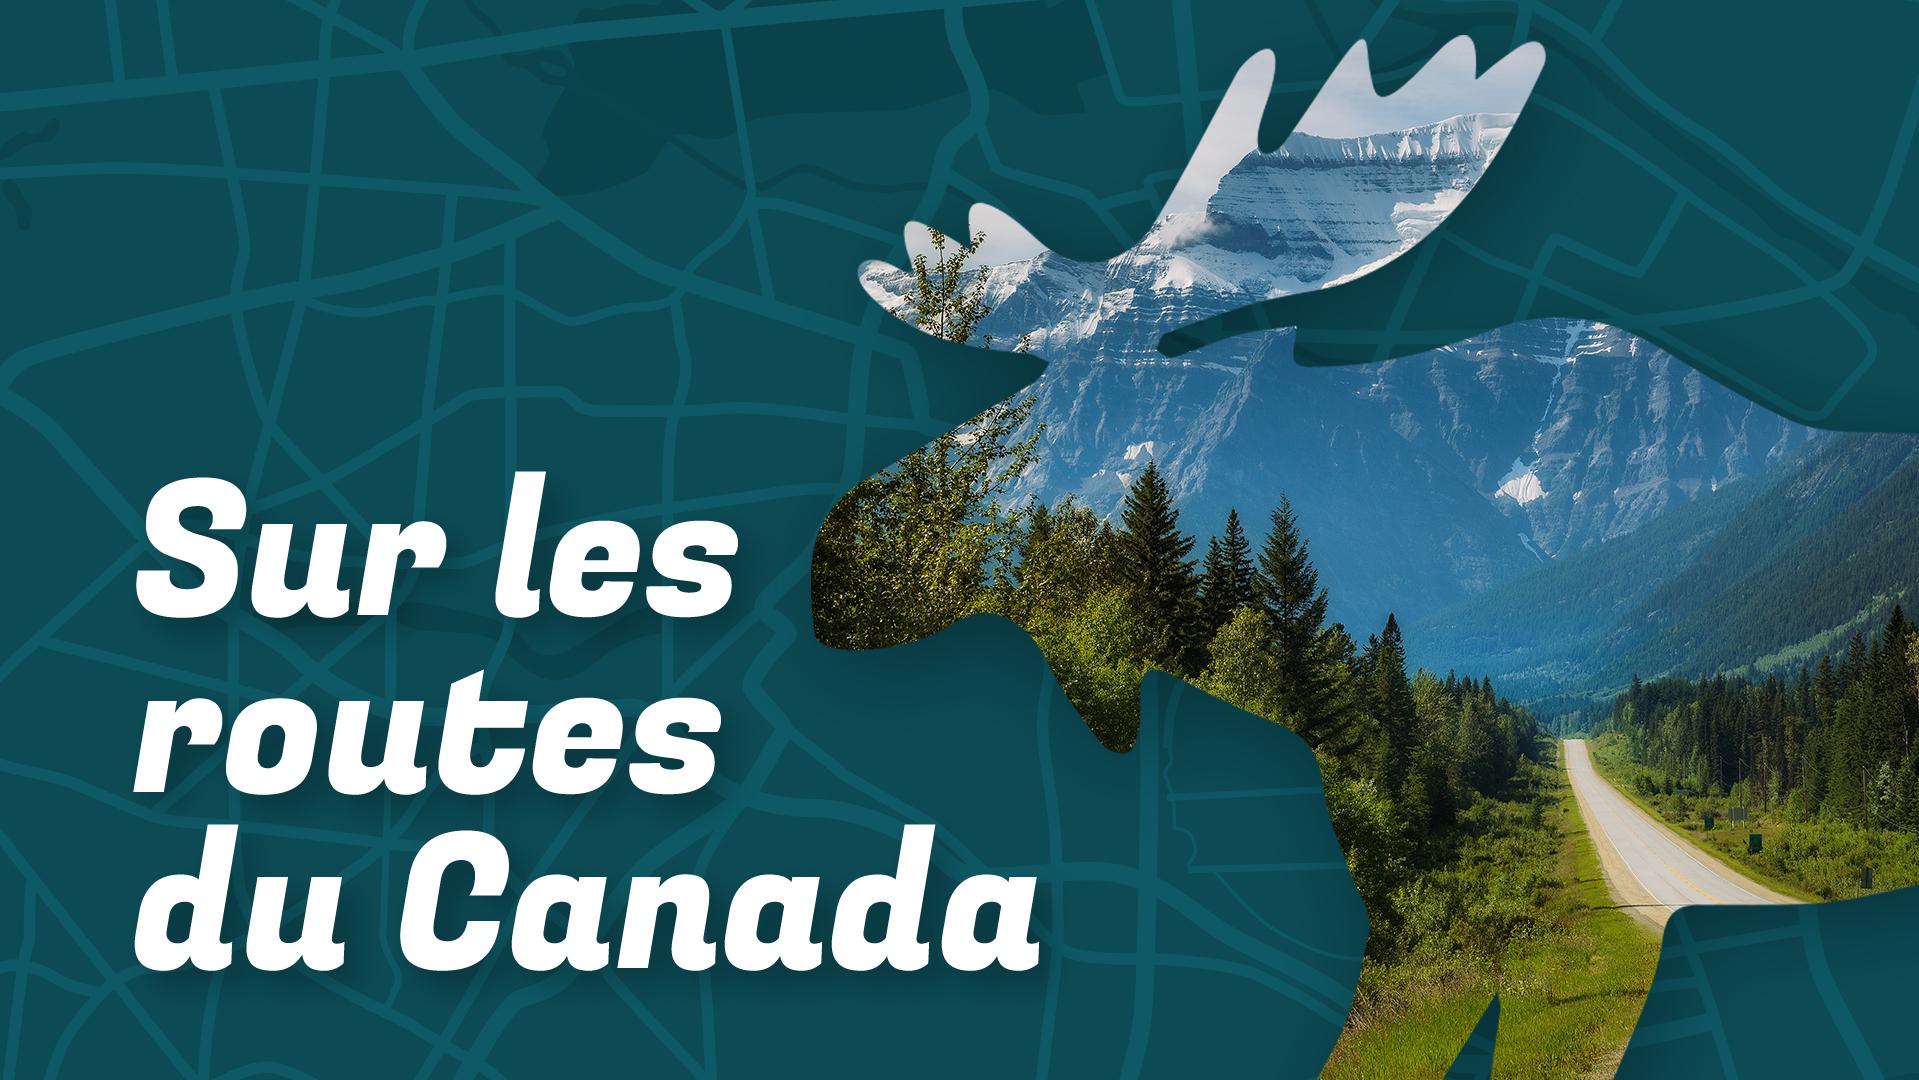 """النص """"على طرق كندا"""" مصحوبًا بصورة ظلية لموسٍ تشكلت من خلال منظر طبيعي للغابات يحيط بالطريق"""